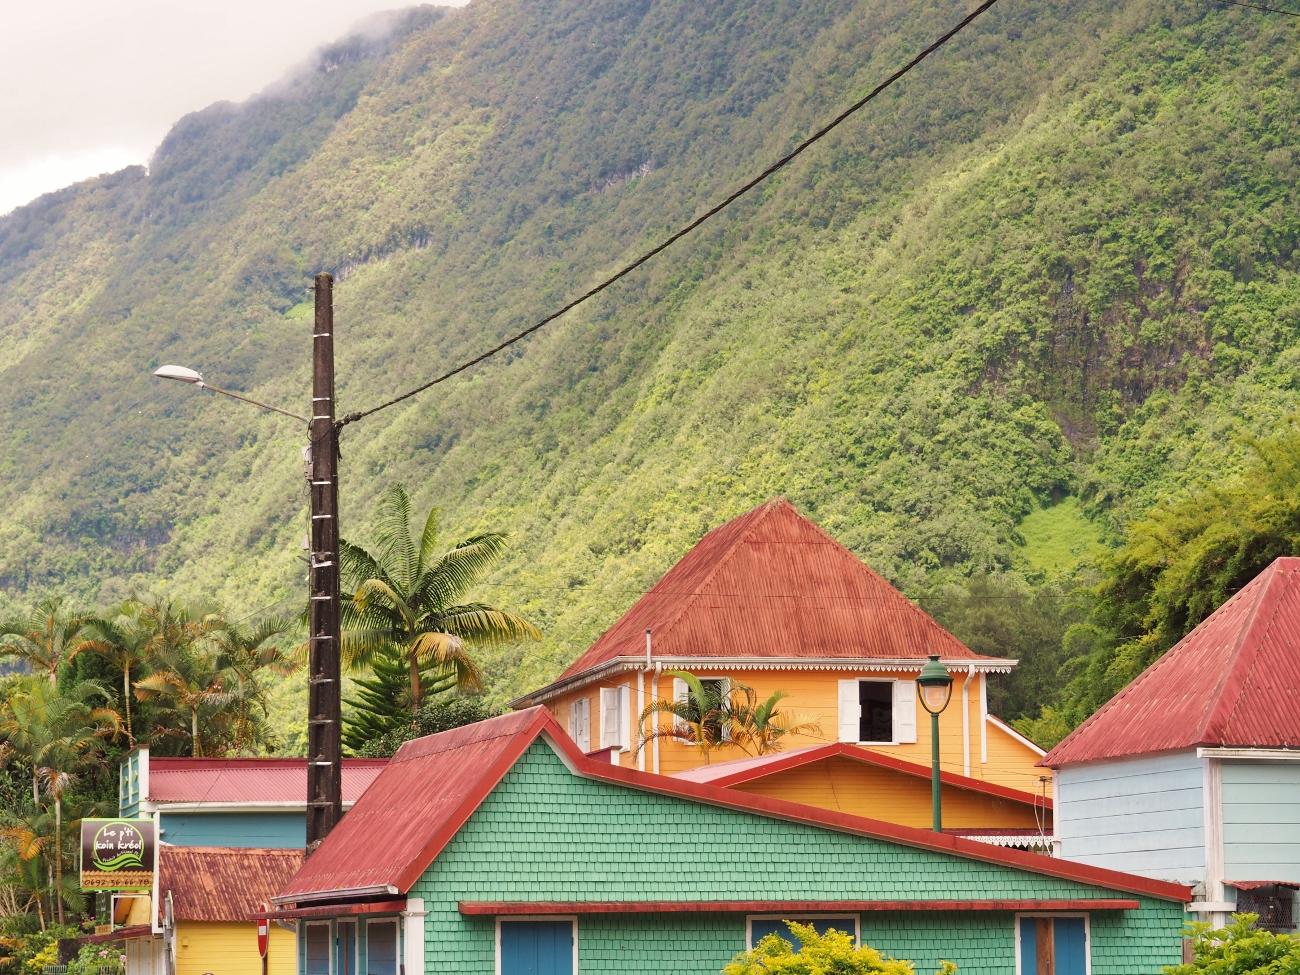 Les cases créoles du village Hell-Bourg